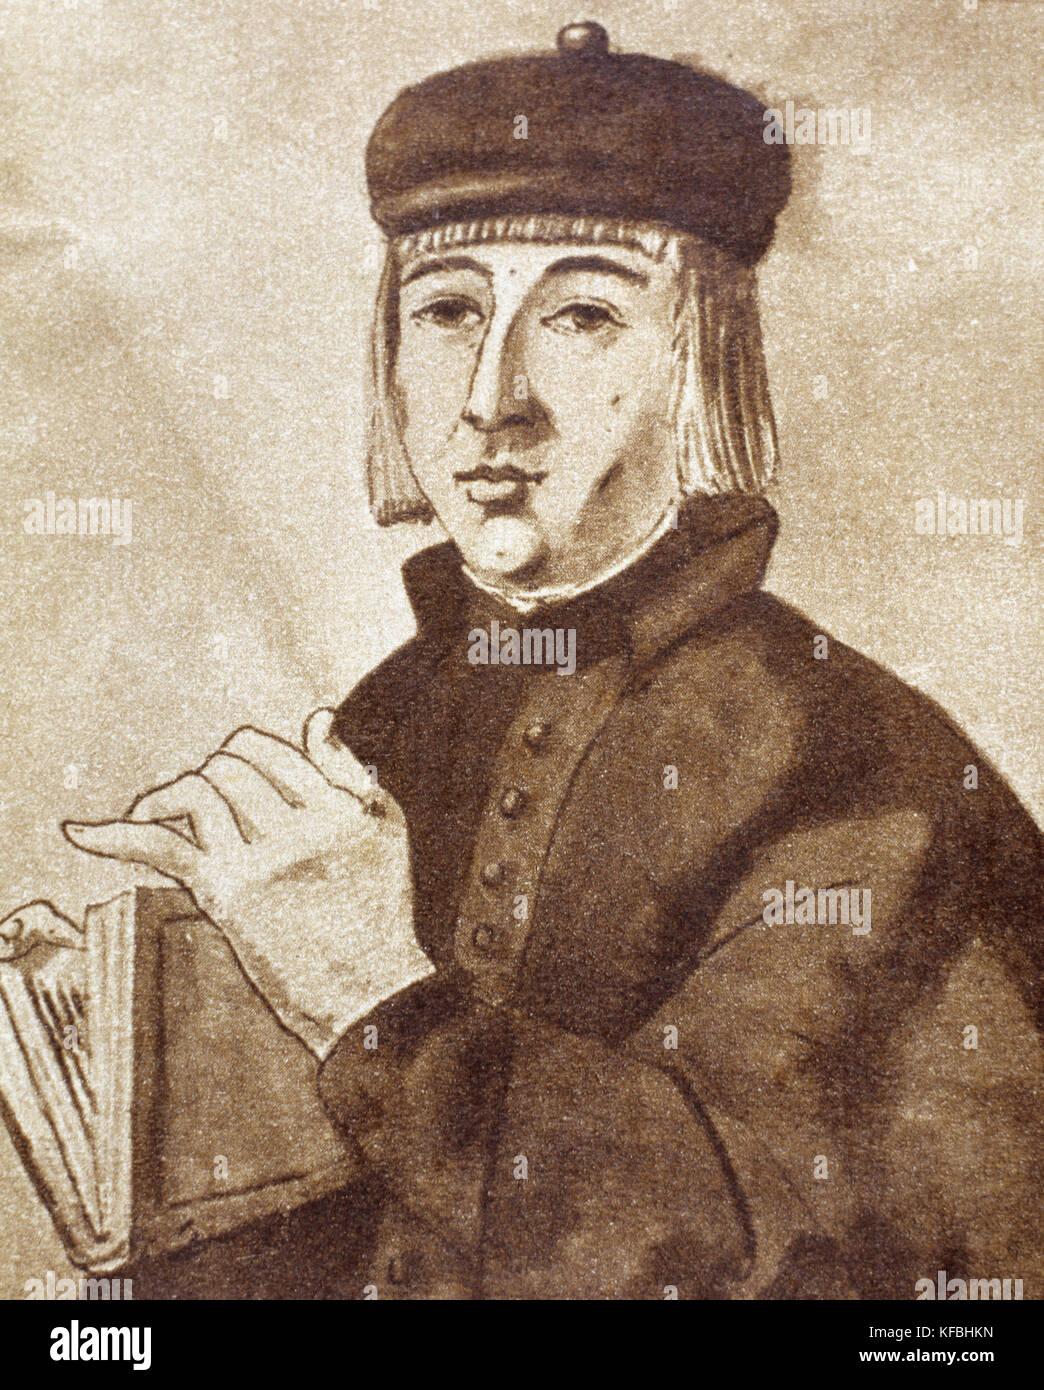 Juan Ruiz (ca.1283-ca. 1350), conocido como el arcipreste de Hita (arcipreste de Hita). Poeta español medieval. Imagen De Stock